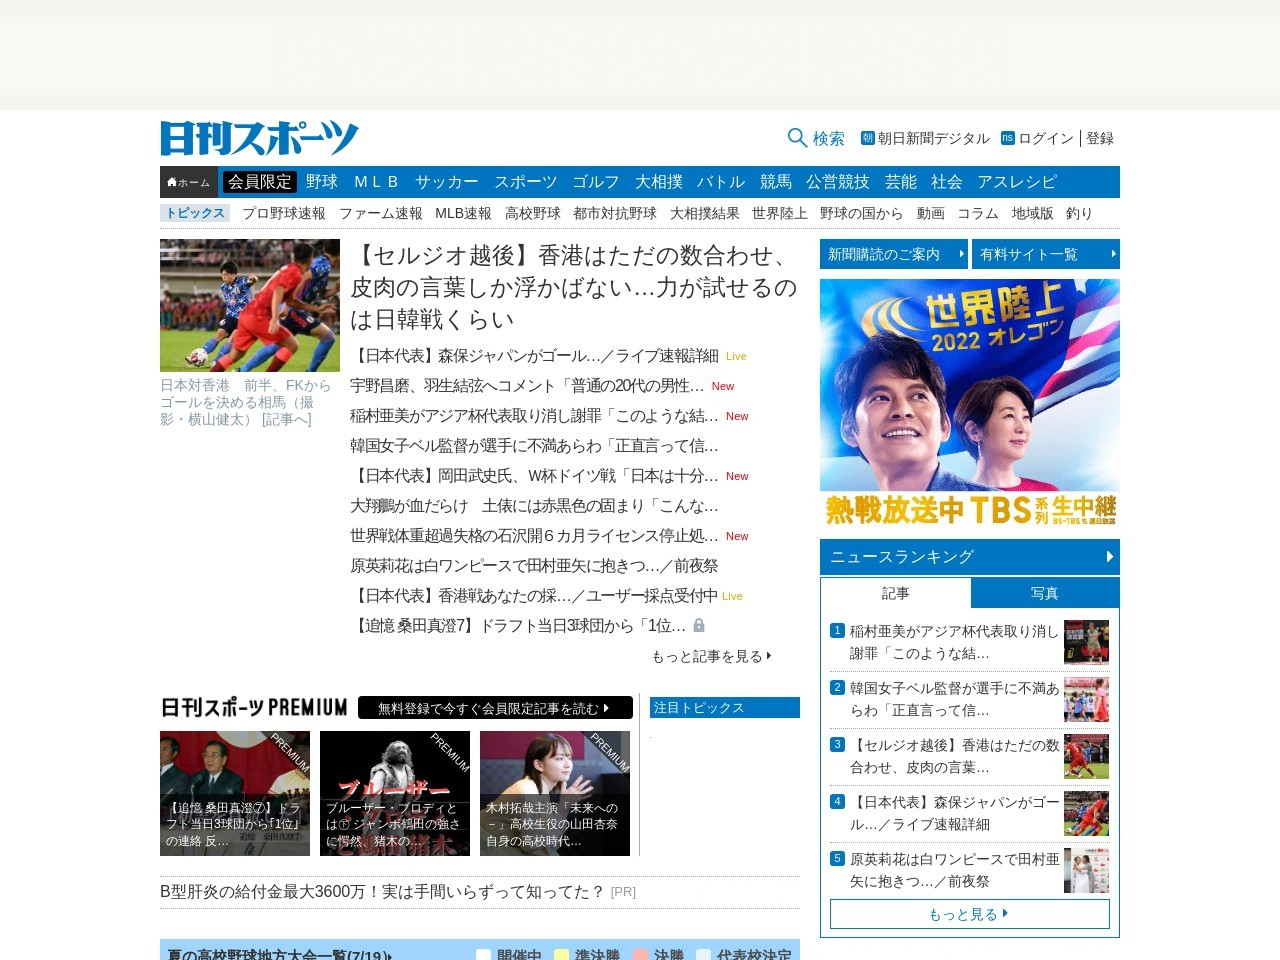 1位は中京大中京の133勝/甲子園勝利数ランク